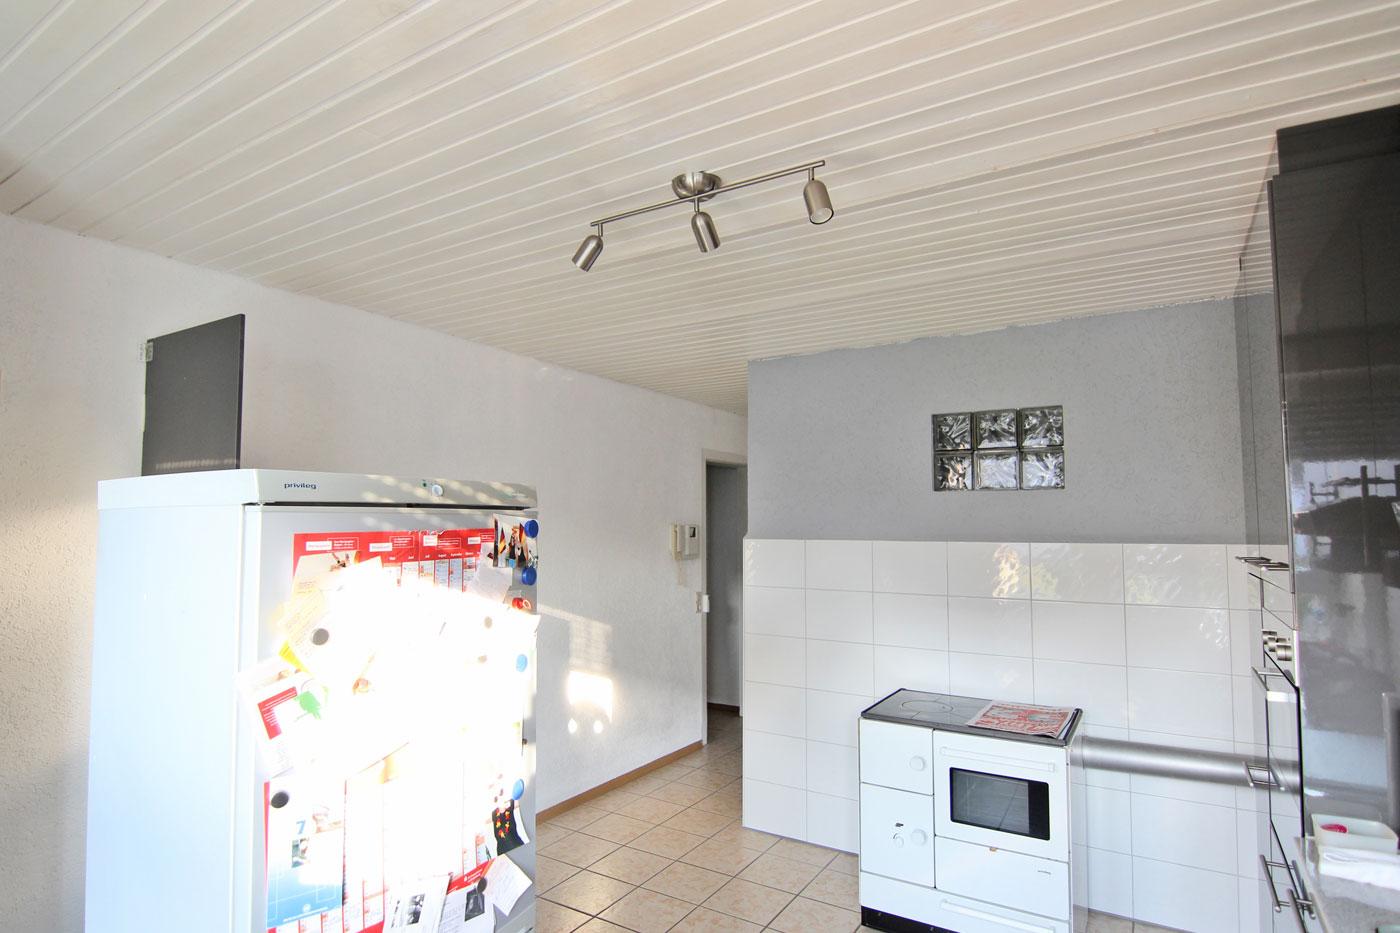 Spanndeckenstudio Teller - Referenzen - Küche 003